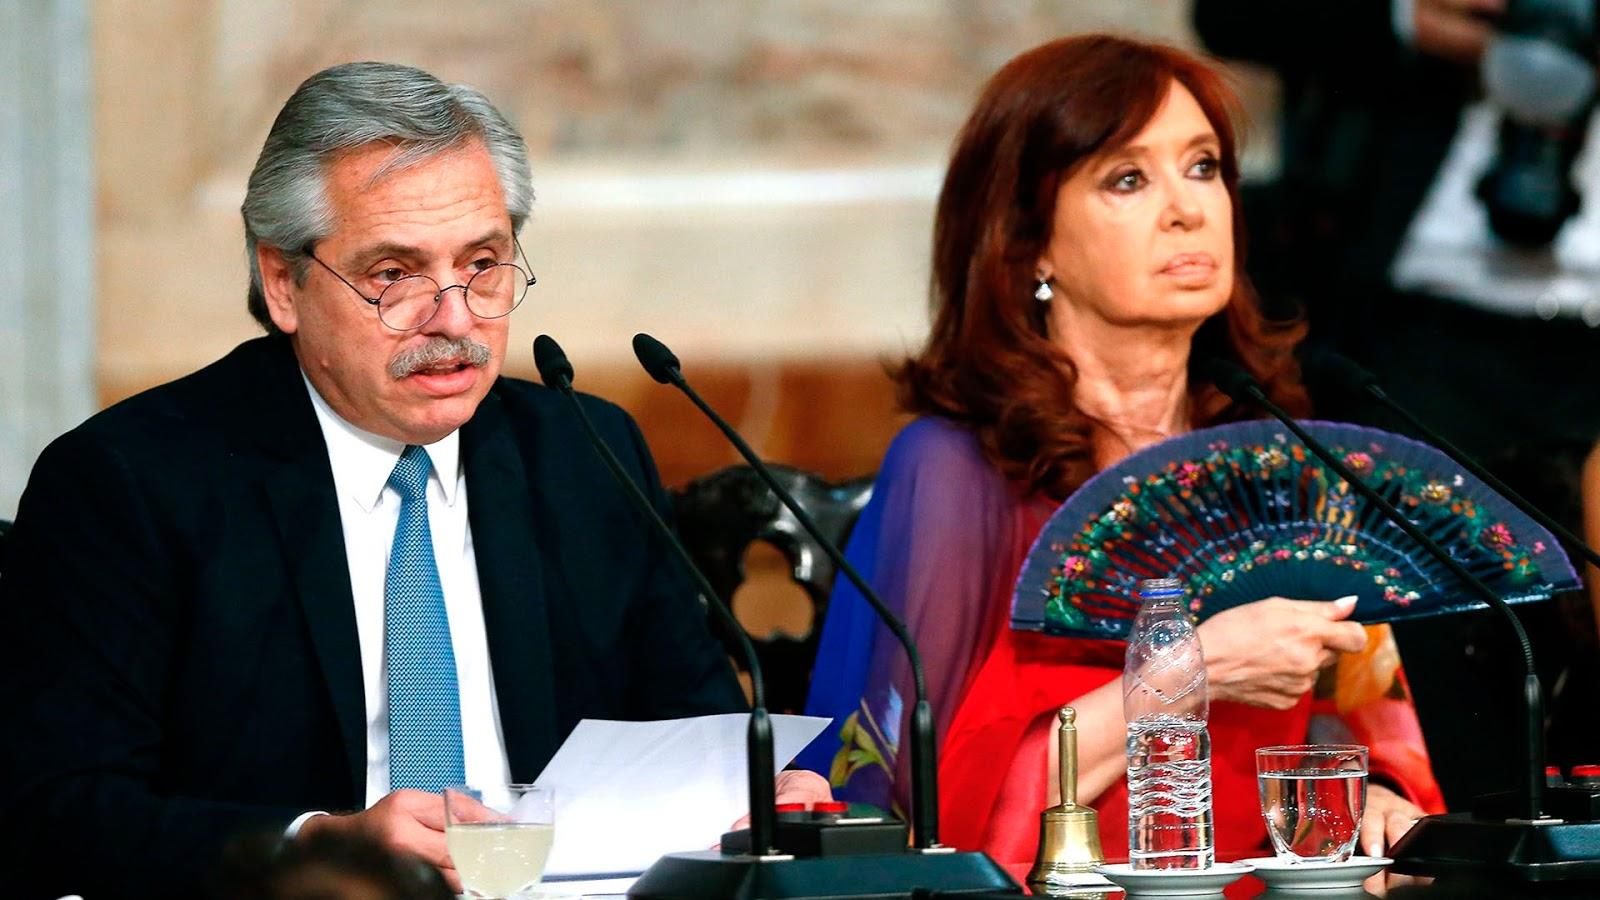 argentina attentato amia indagini fernandez